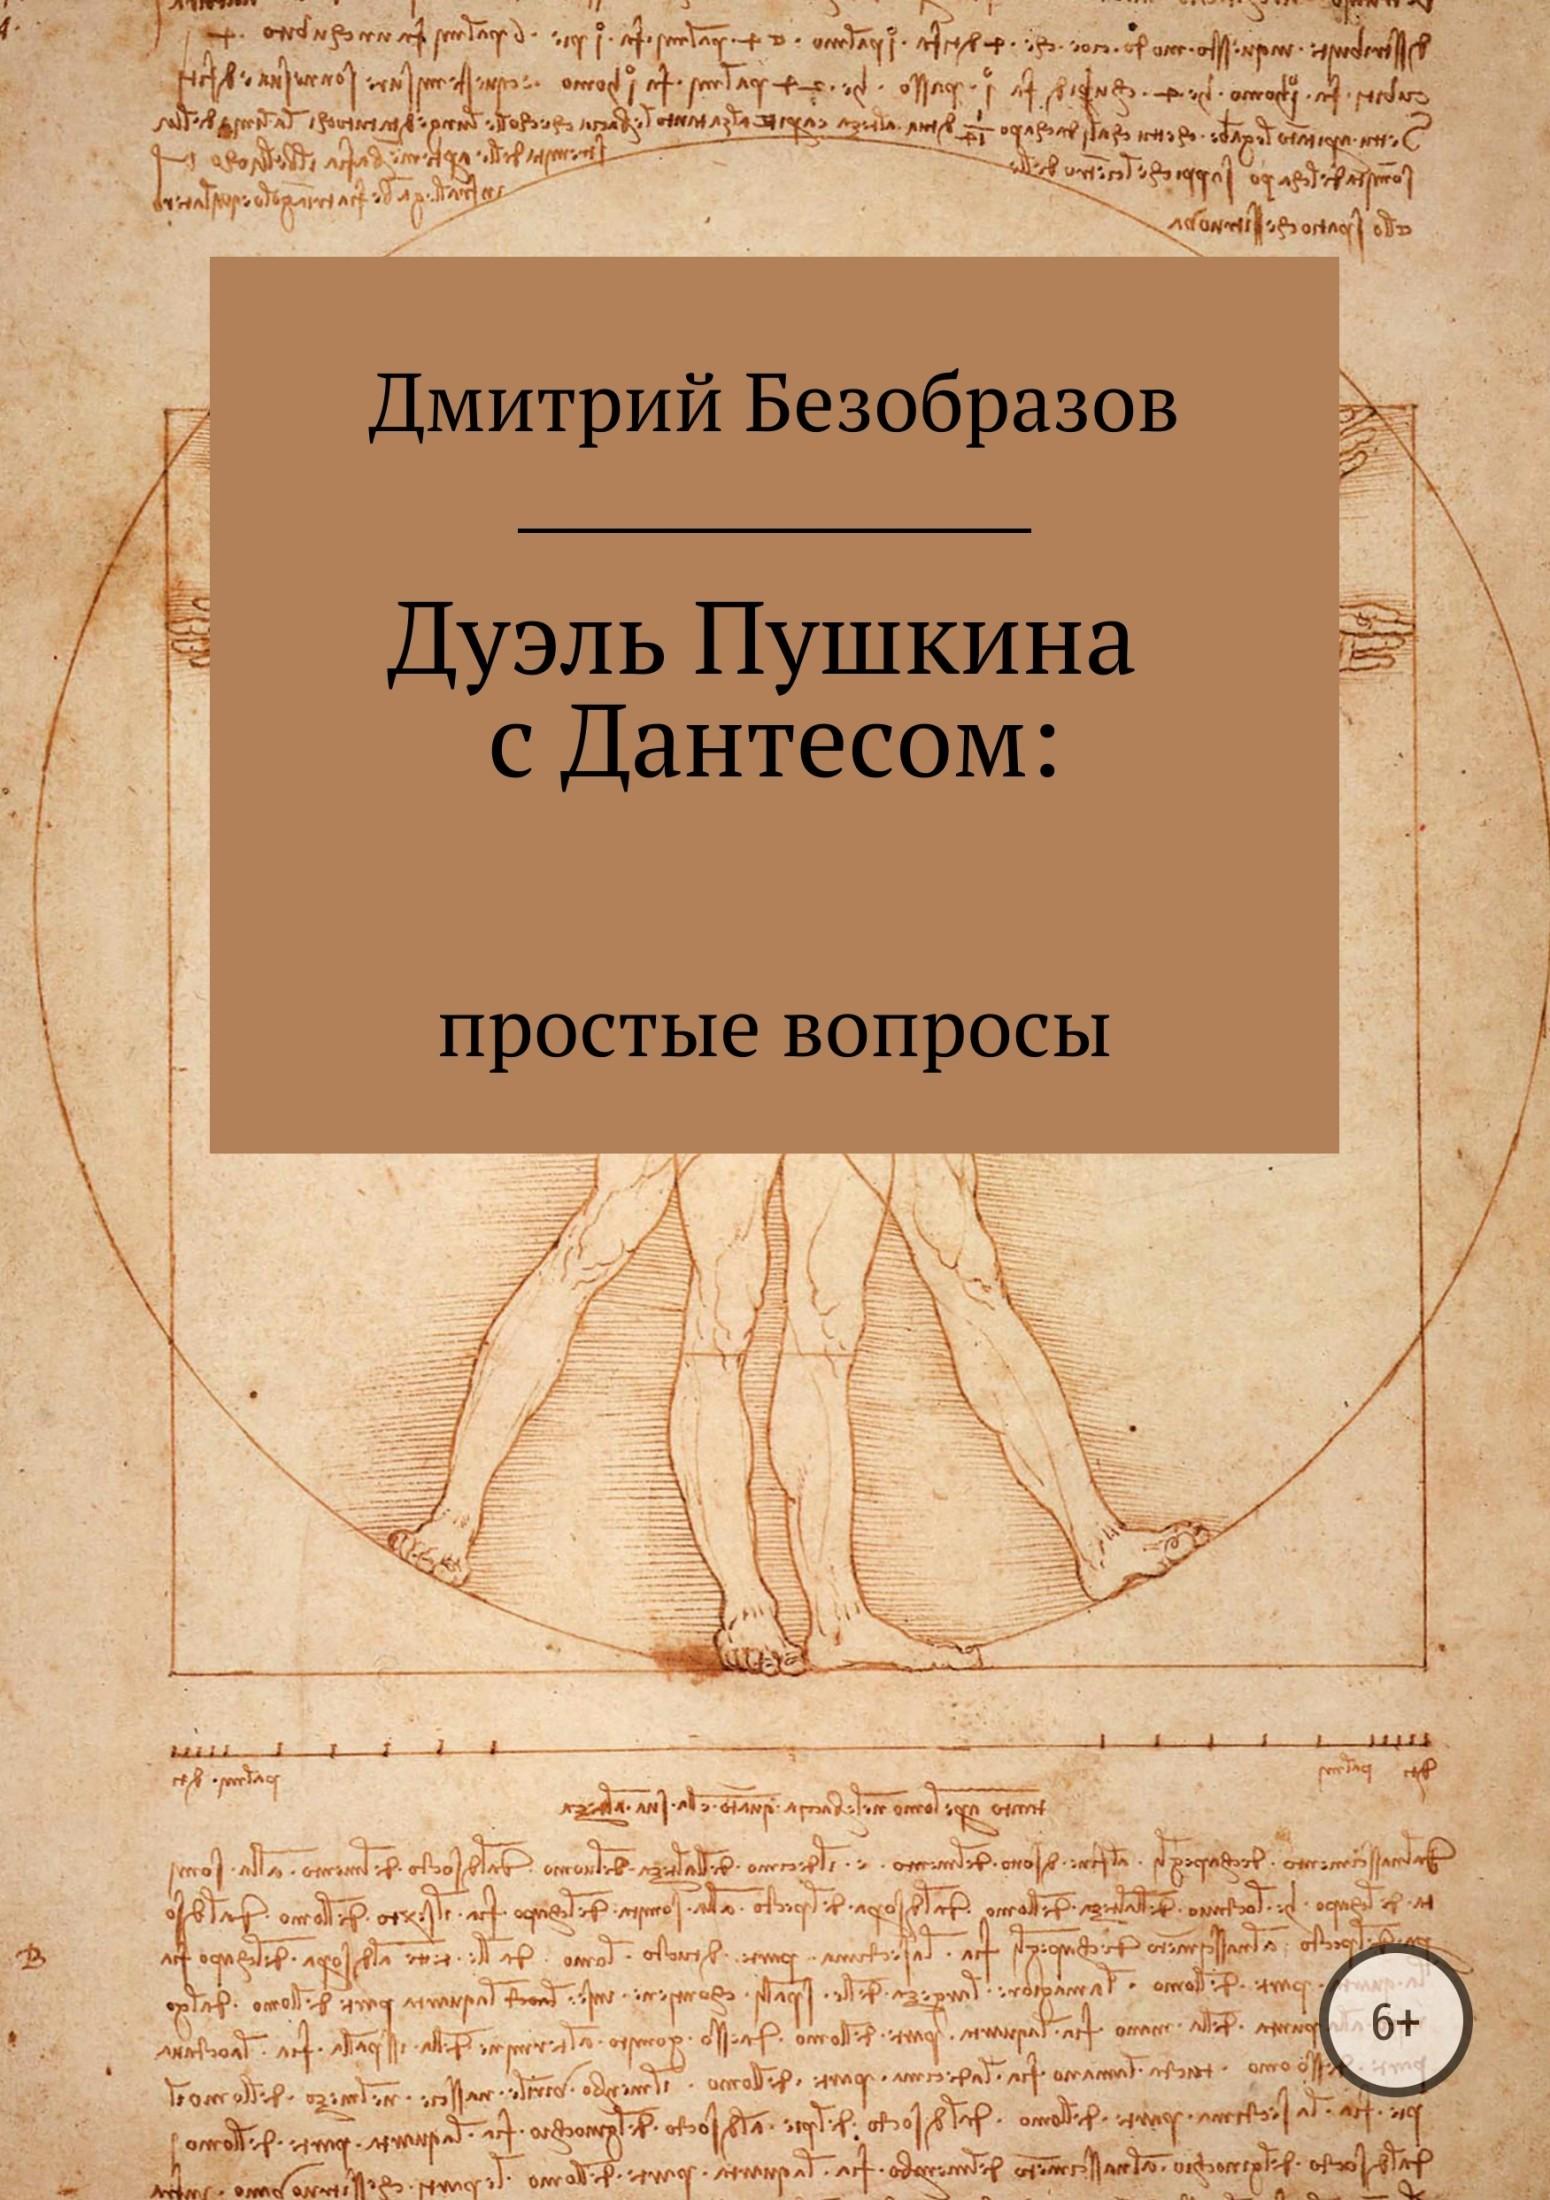 Дуэль Пушкина с Дантесом: простые вопросы